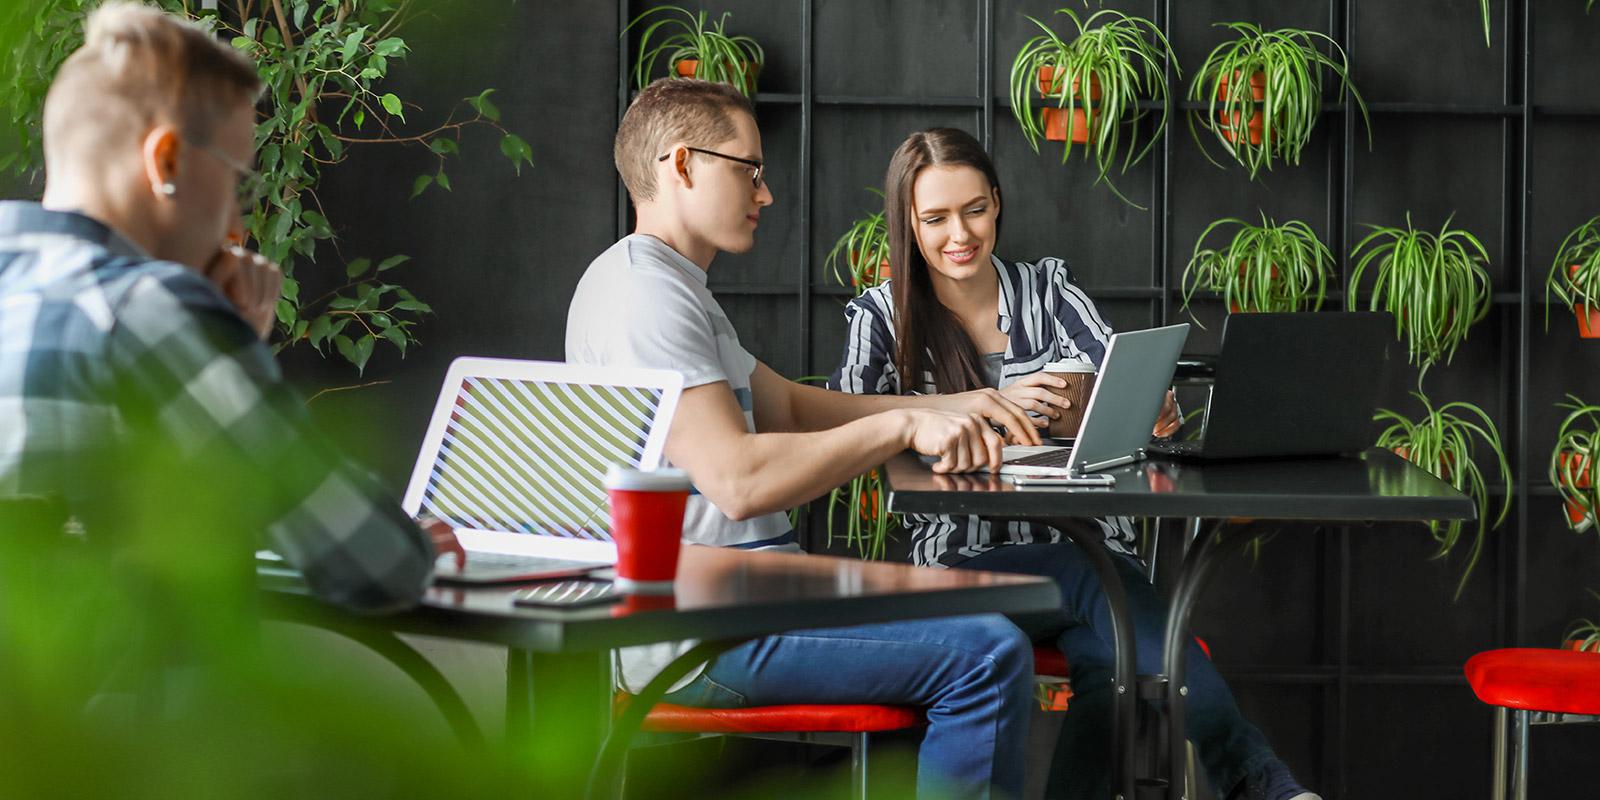 Ušetřete za pronájem kanceláře. Coworking může být levnější a přináší řadu dalších výhod